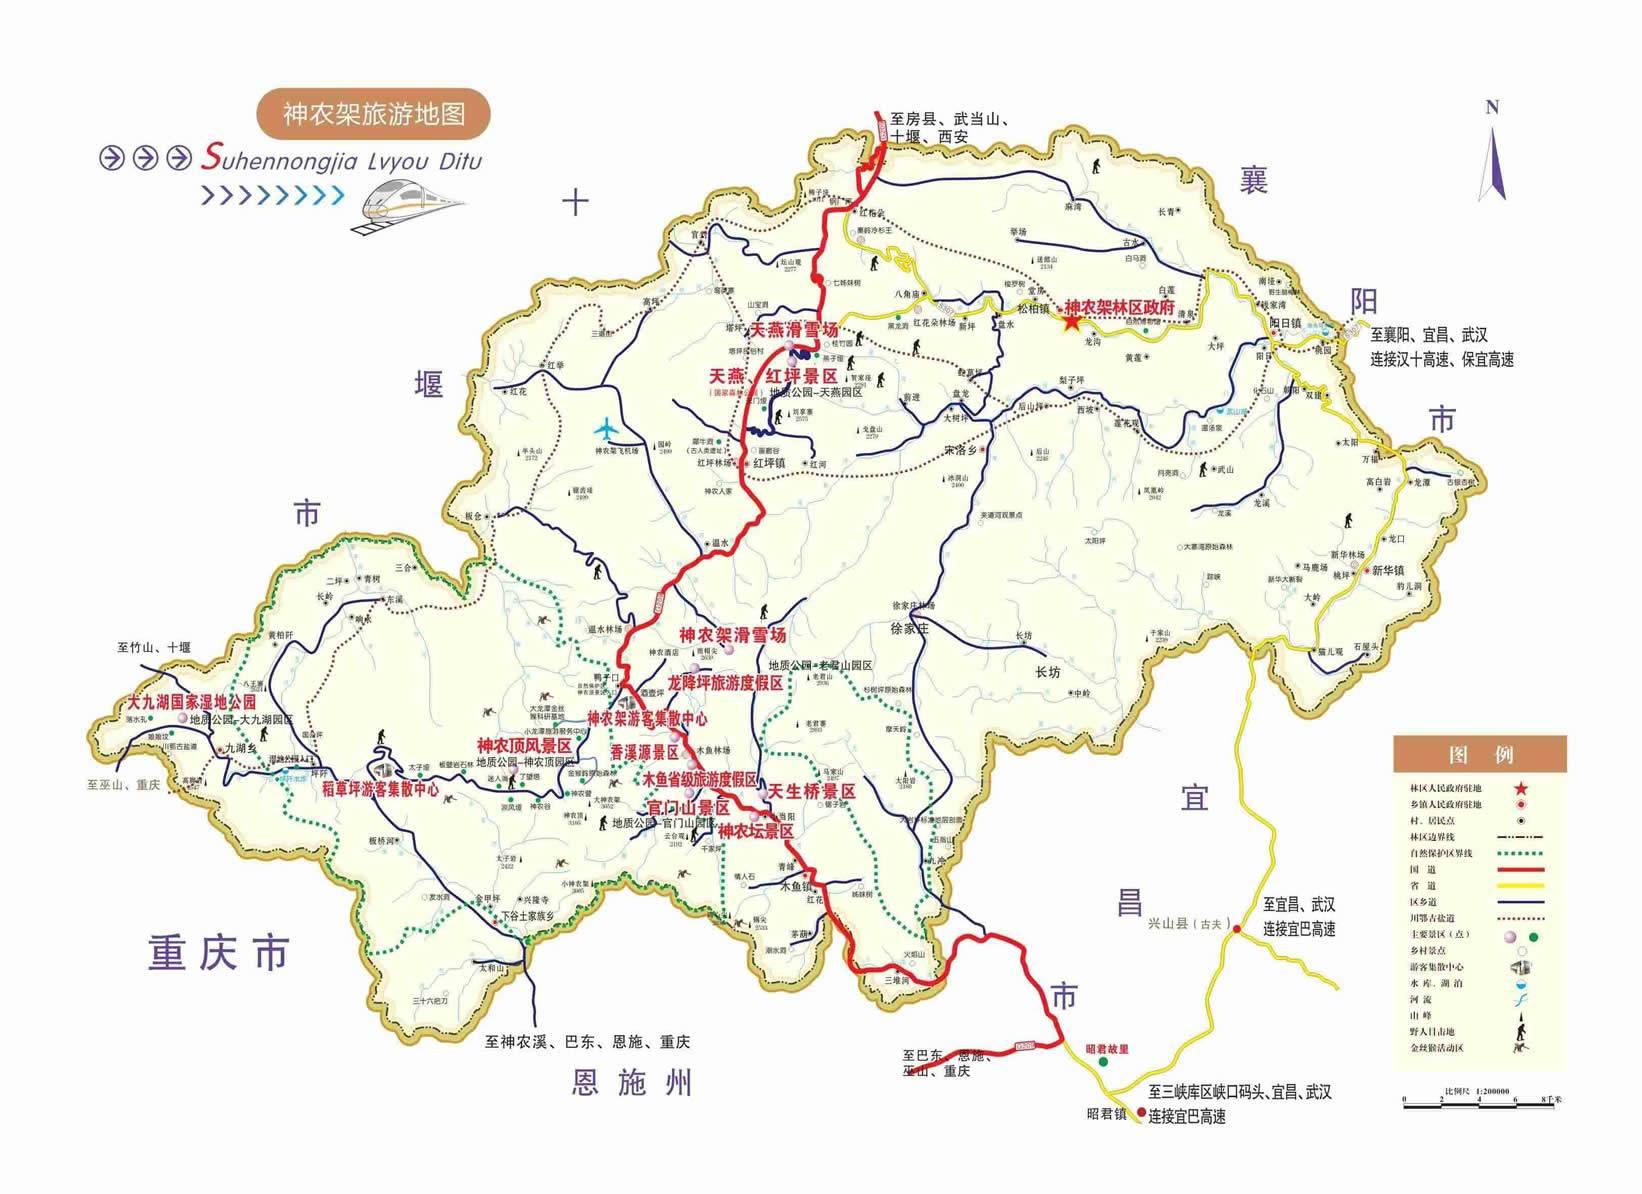 神农架景区分布图